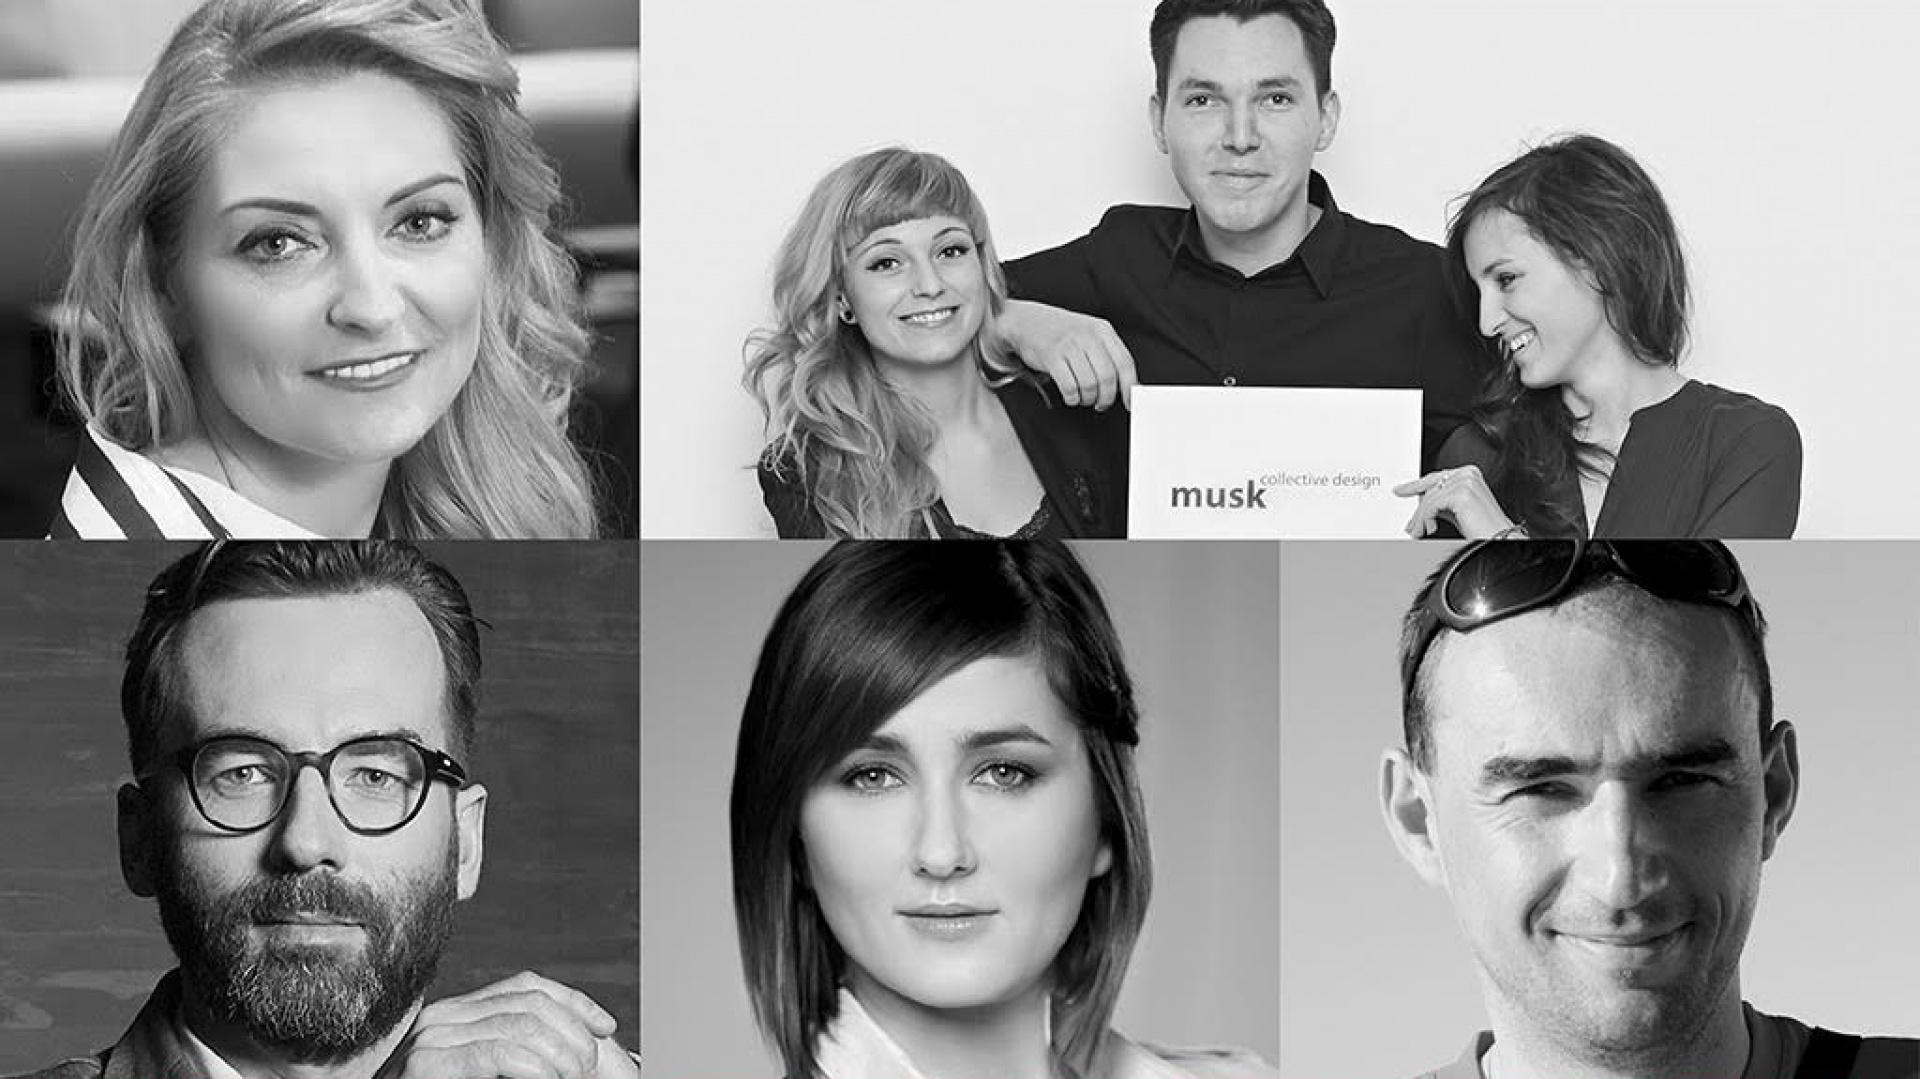 Od lewej: Dominika J. Rostocka, Kolektyw Musk, łukasz Kos, Anna Koszela, Adam Bronikowski